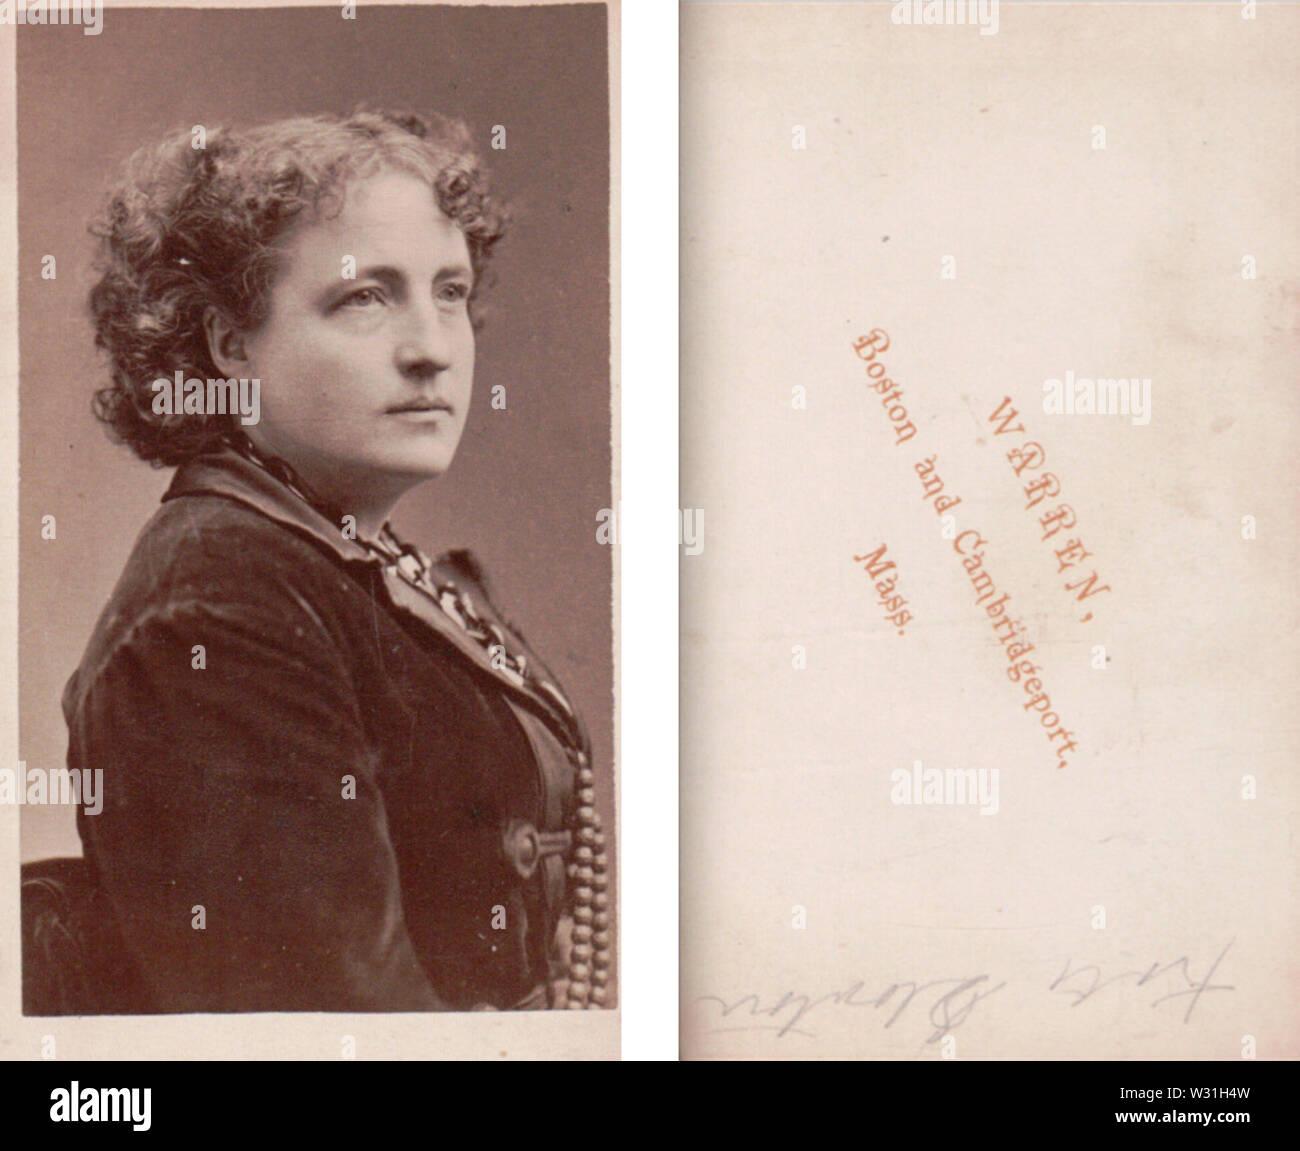 Portrait of woman by Warren of Boston - Stock Image